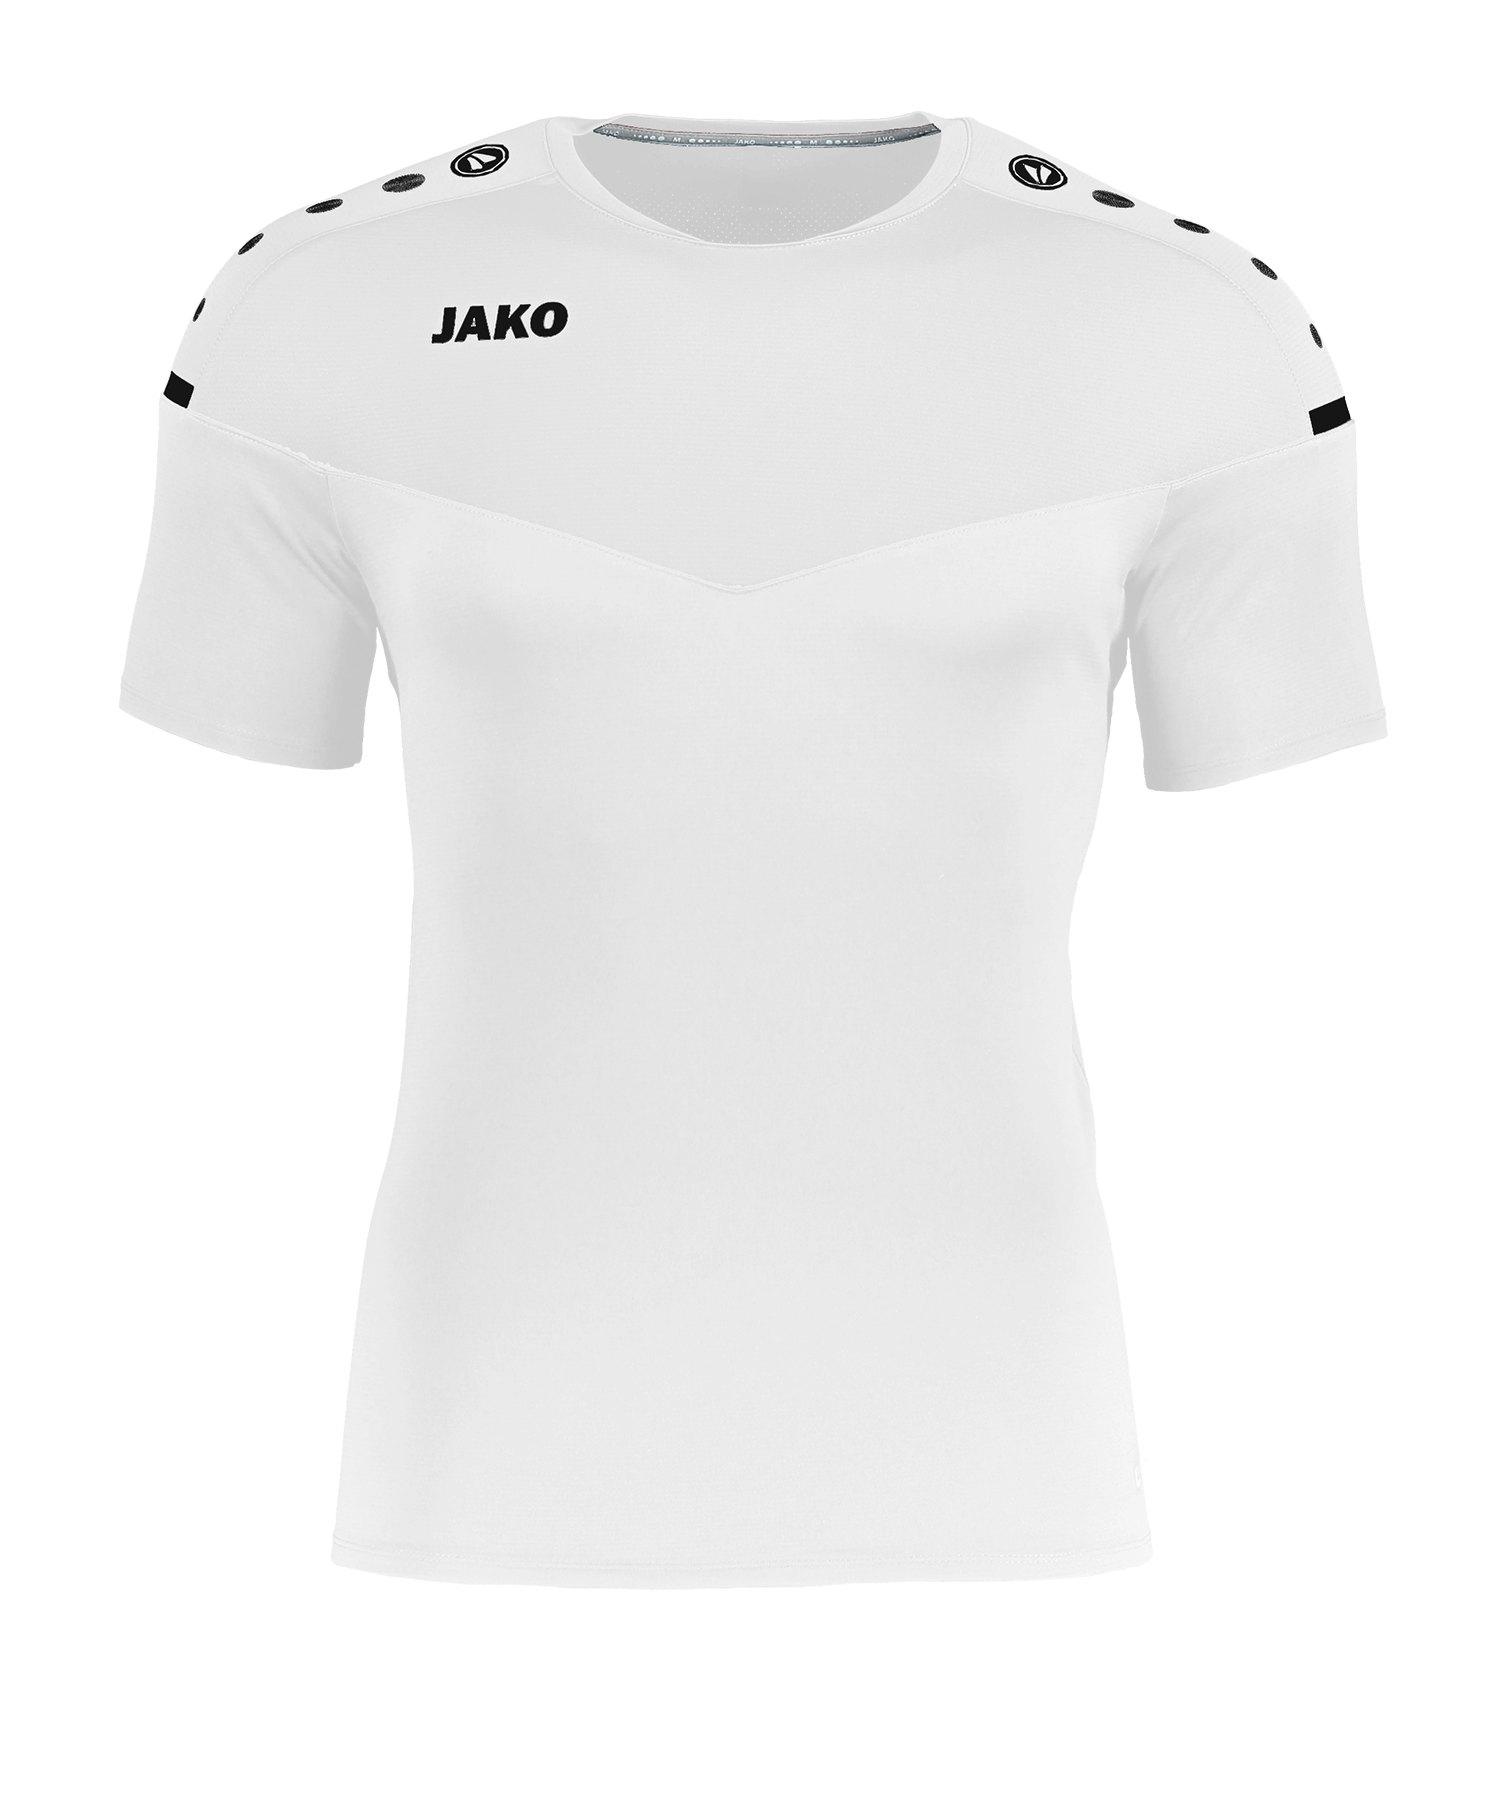 Jako Champ 2.0 T-Shirt Kids Weiss F00 - weiss